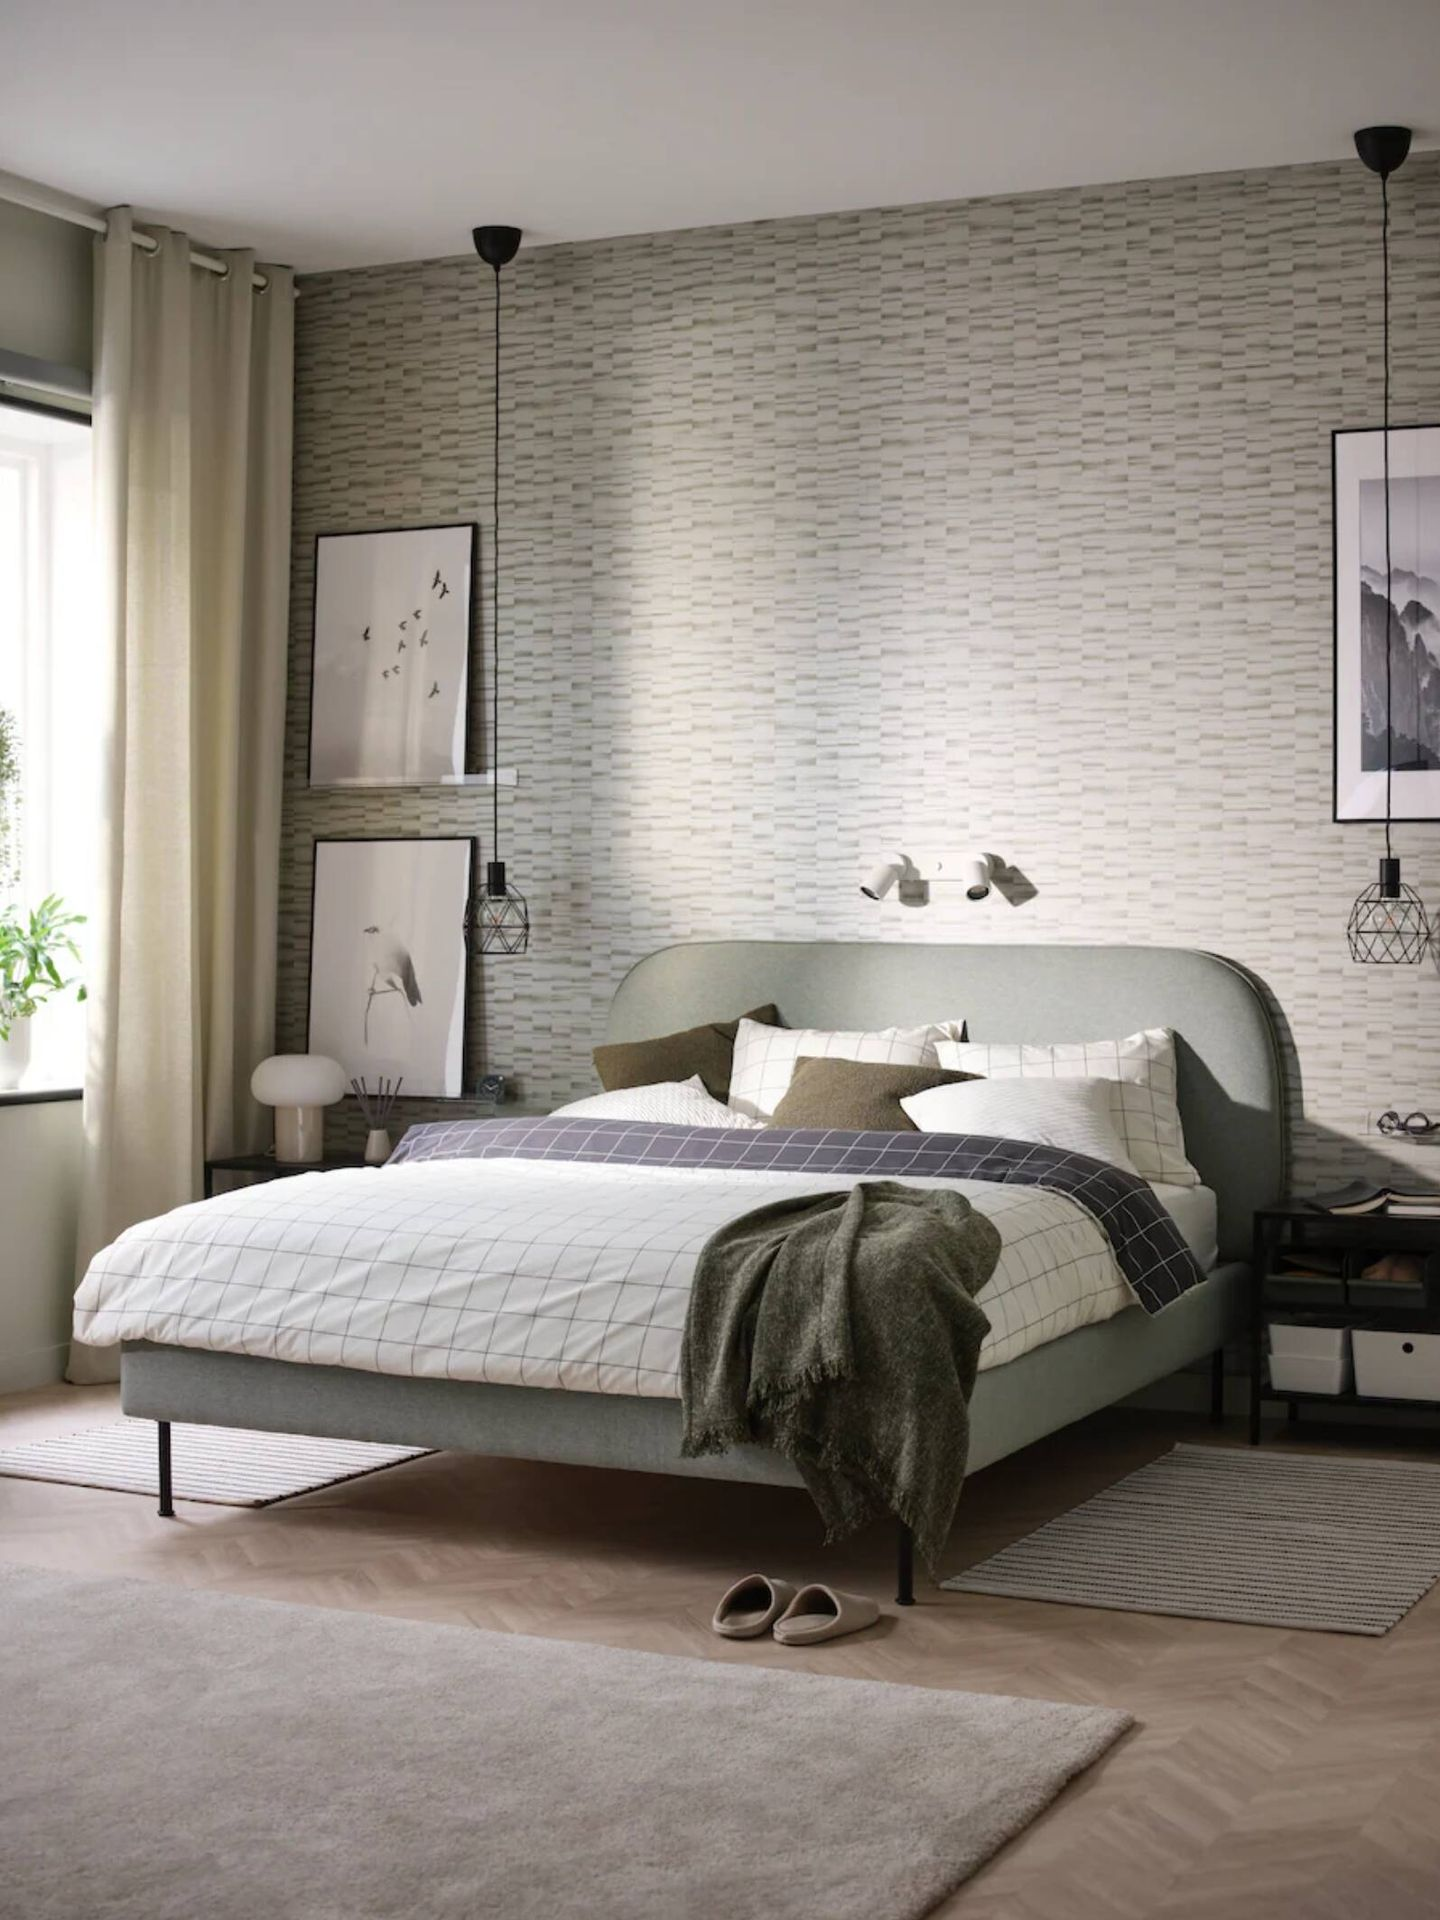 Decora un dormitorio con las ideas de Ikea. (Cortesía)